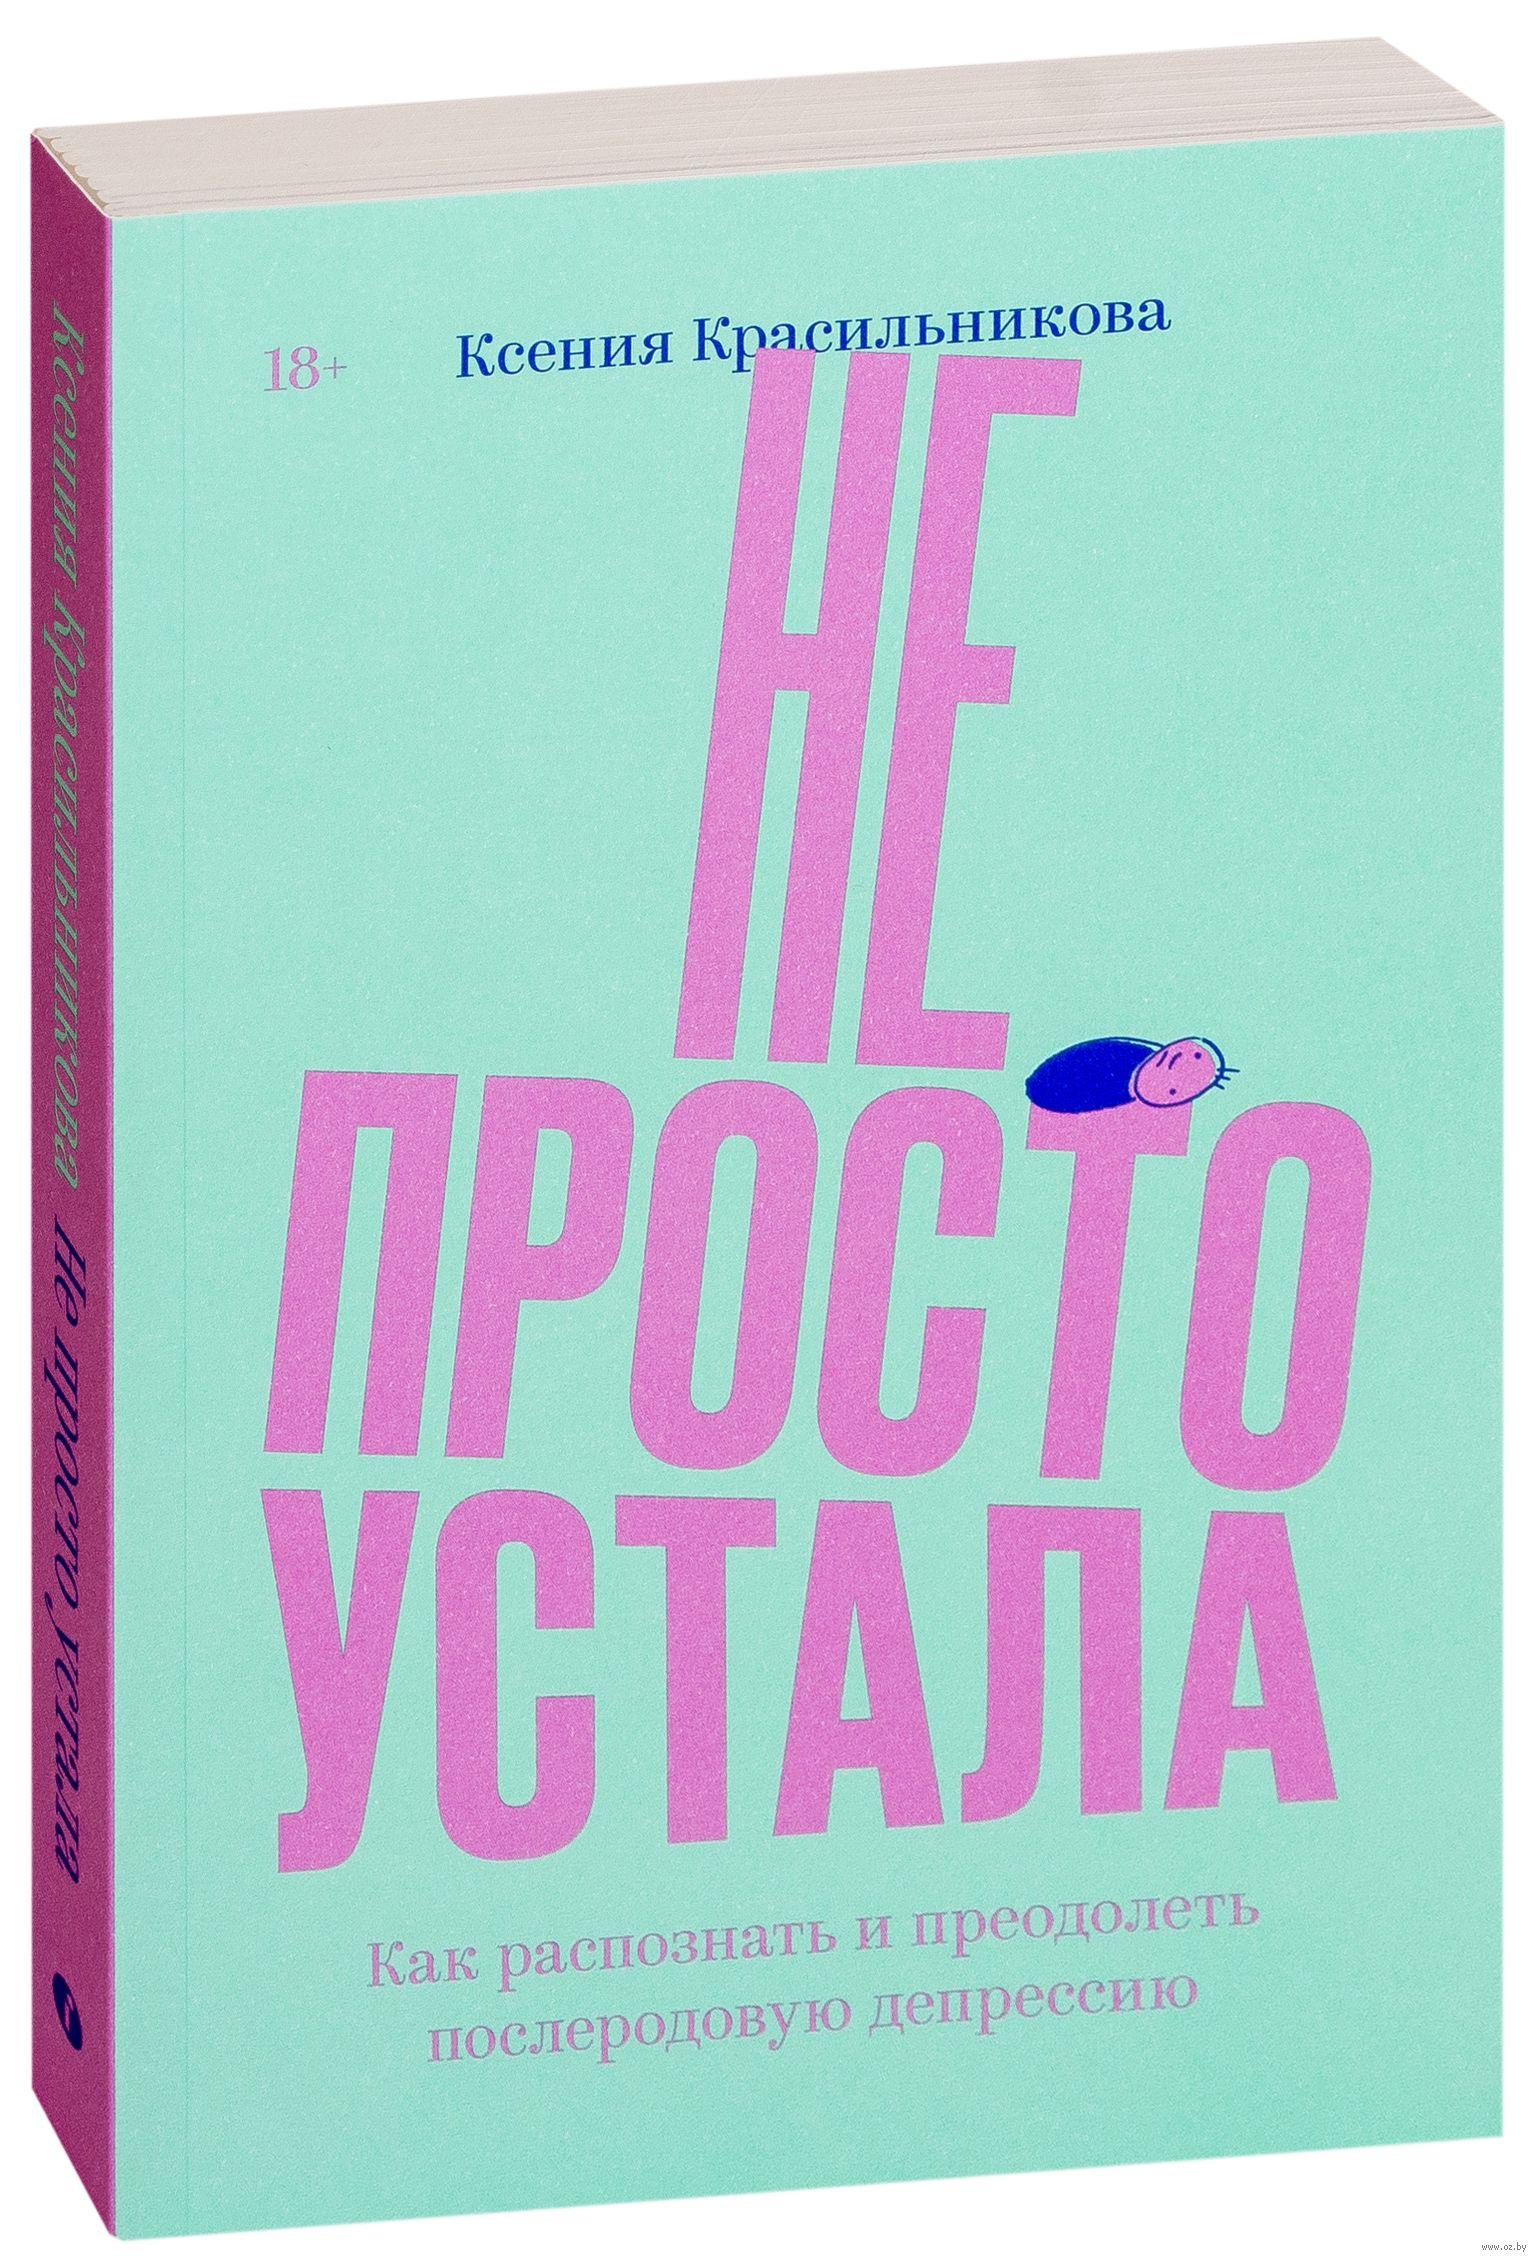 Image result for Ксения Красильникова: Не просто устала. Как распознать и преодолеть послеродовую депрессию